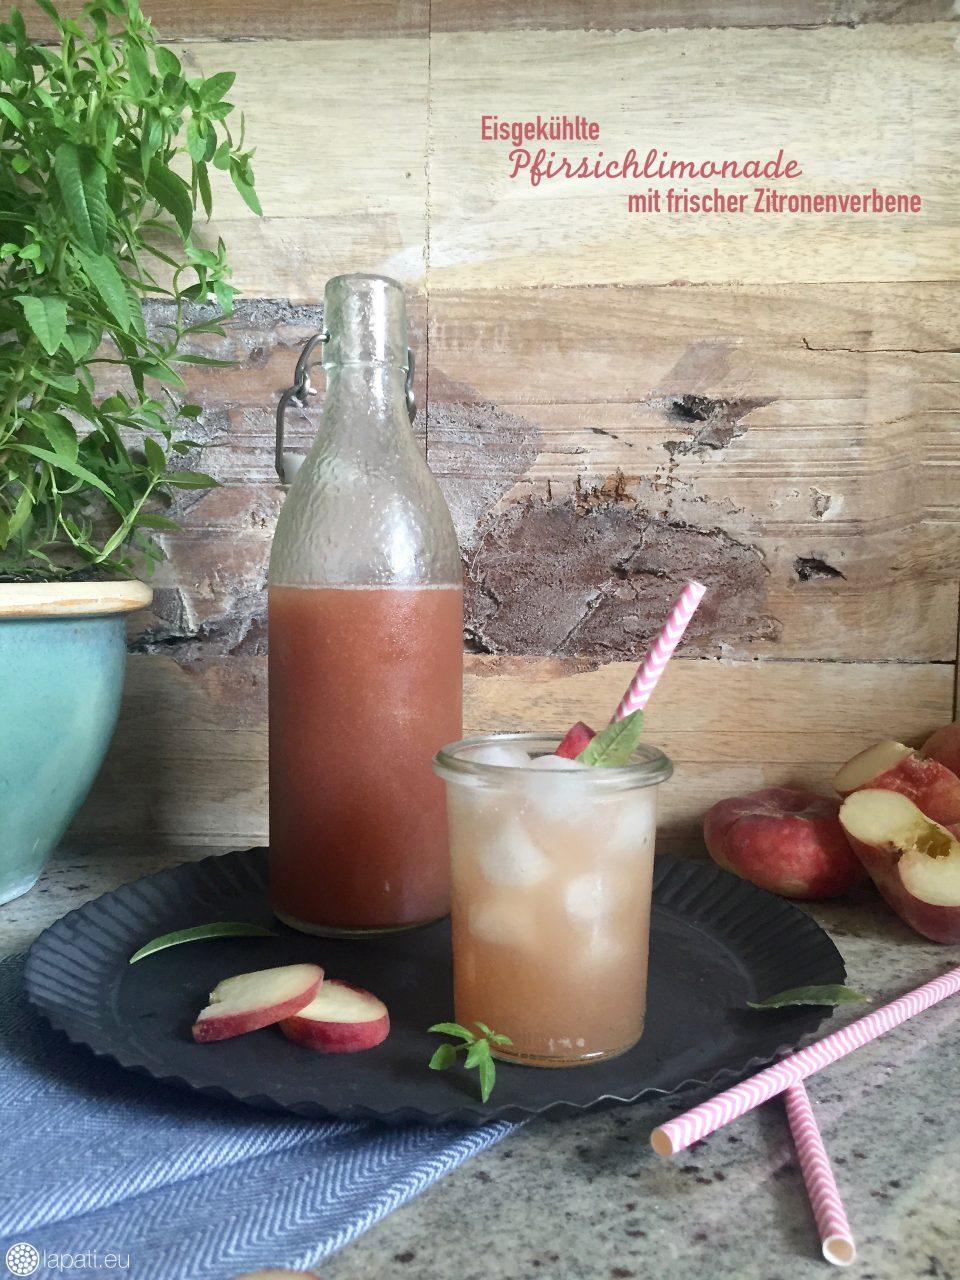 Pfirsich-Verbene-Limonade: Man kann nie genug Erfrischung im Sommer haben, auch als Aperitif mit Prosecco geeignet.